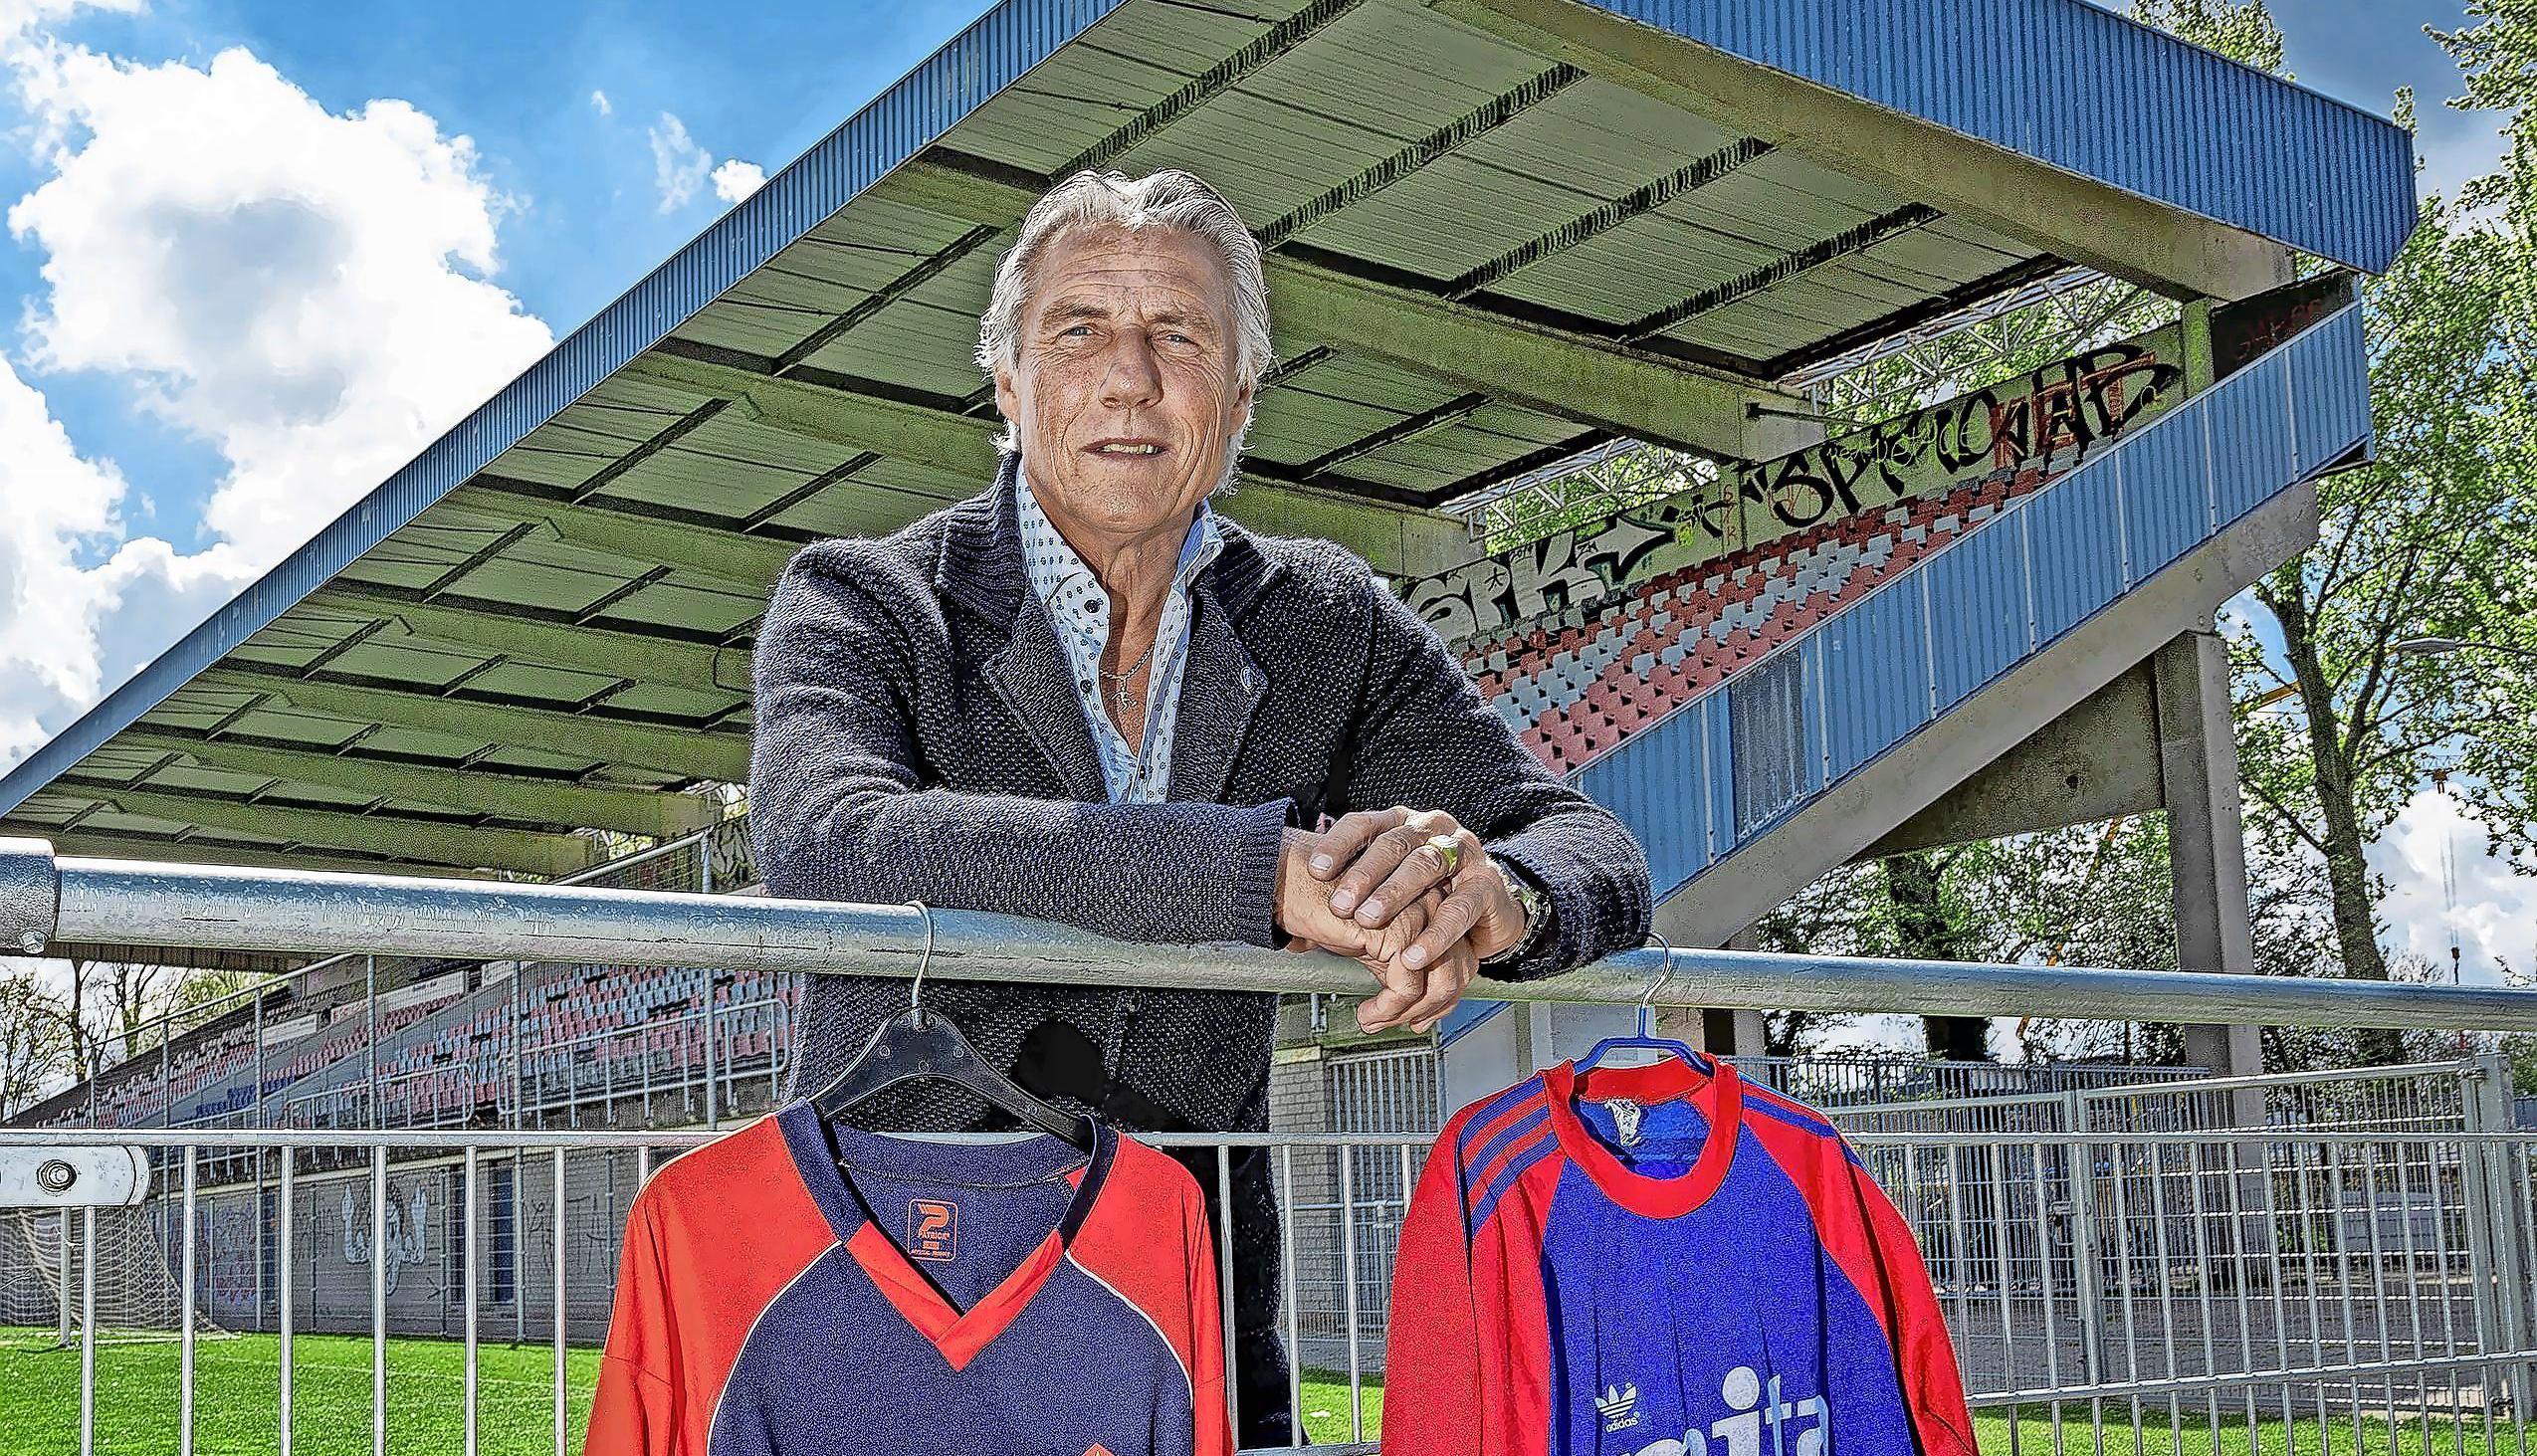 Het voetbalstadion in Haarlem-Noord ontplofte toen Joop Böckling ter hoogte van de penaltystip voor Frank Rijkaard opdook en de 3-3 tegen Ajax scoorde [video]